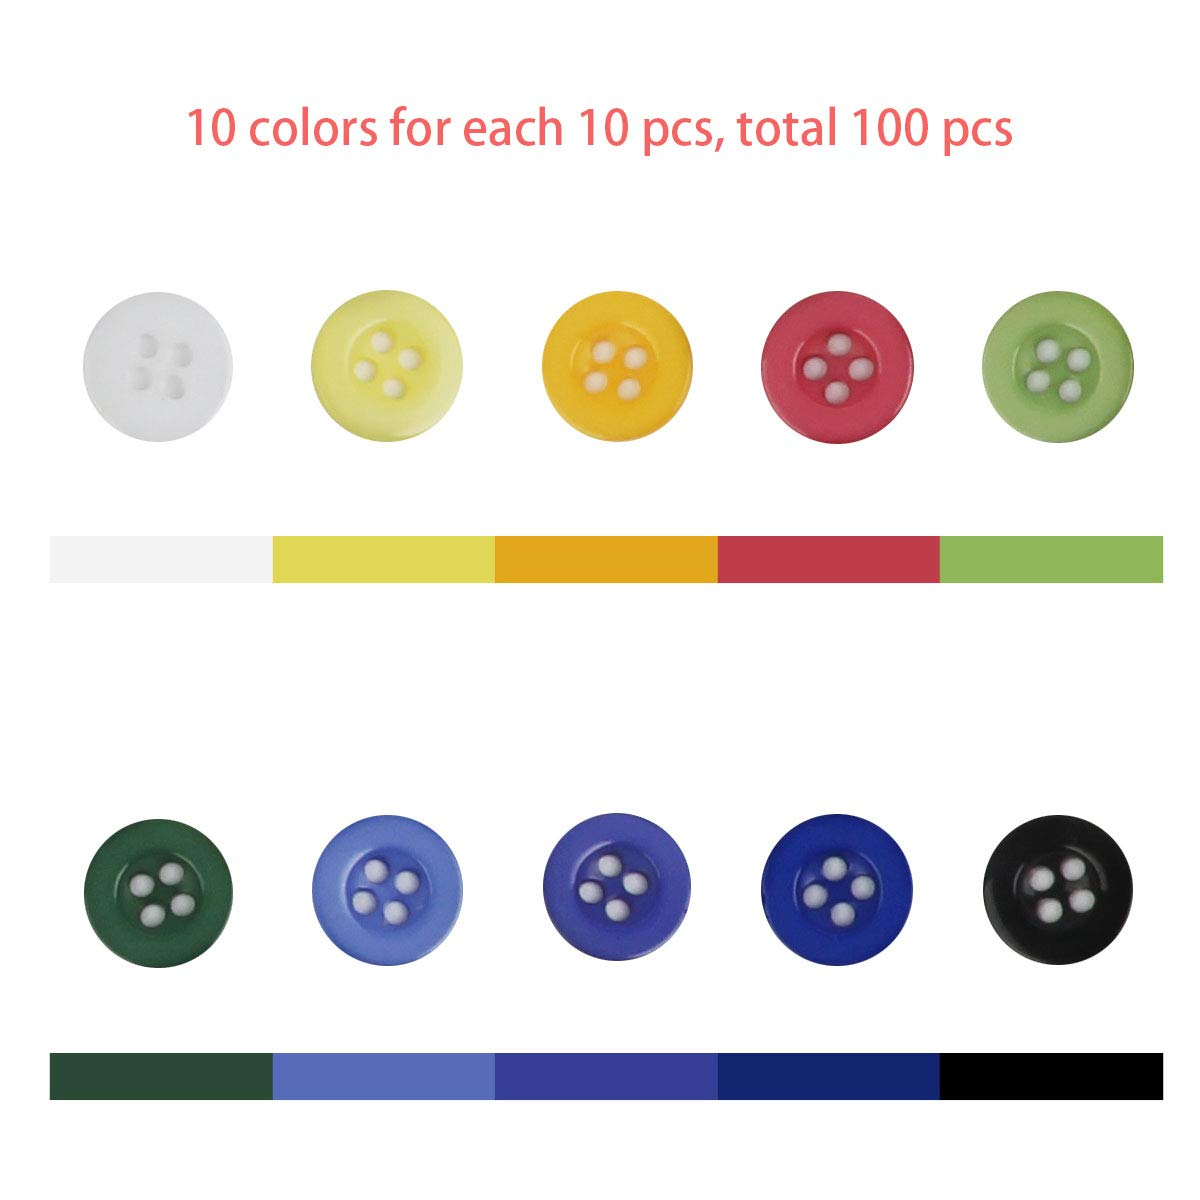 6 Botones de Madera Rojo Brillante dos agujeros álbumes de recortes, 30 mm Ideal para coser